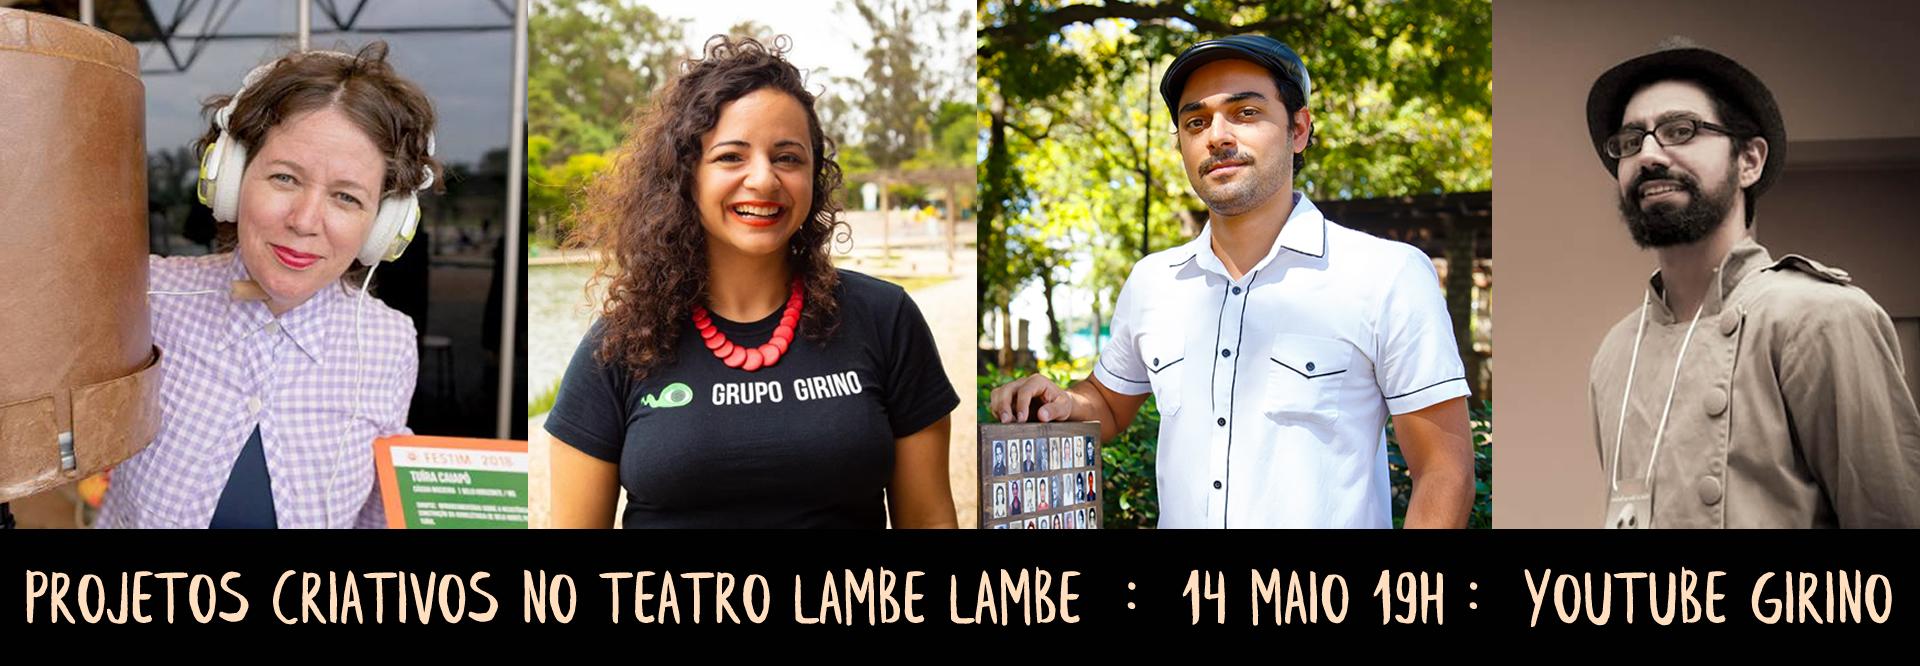 PROJETOS CRIATIVOS EM TEATRO LAMBE LAMBE